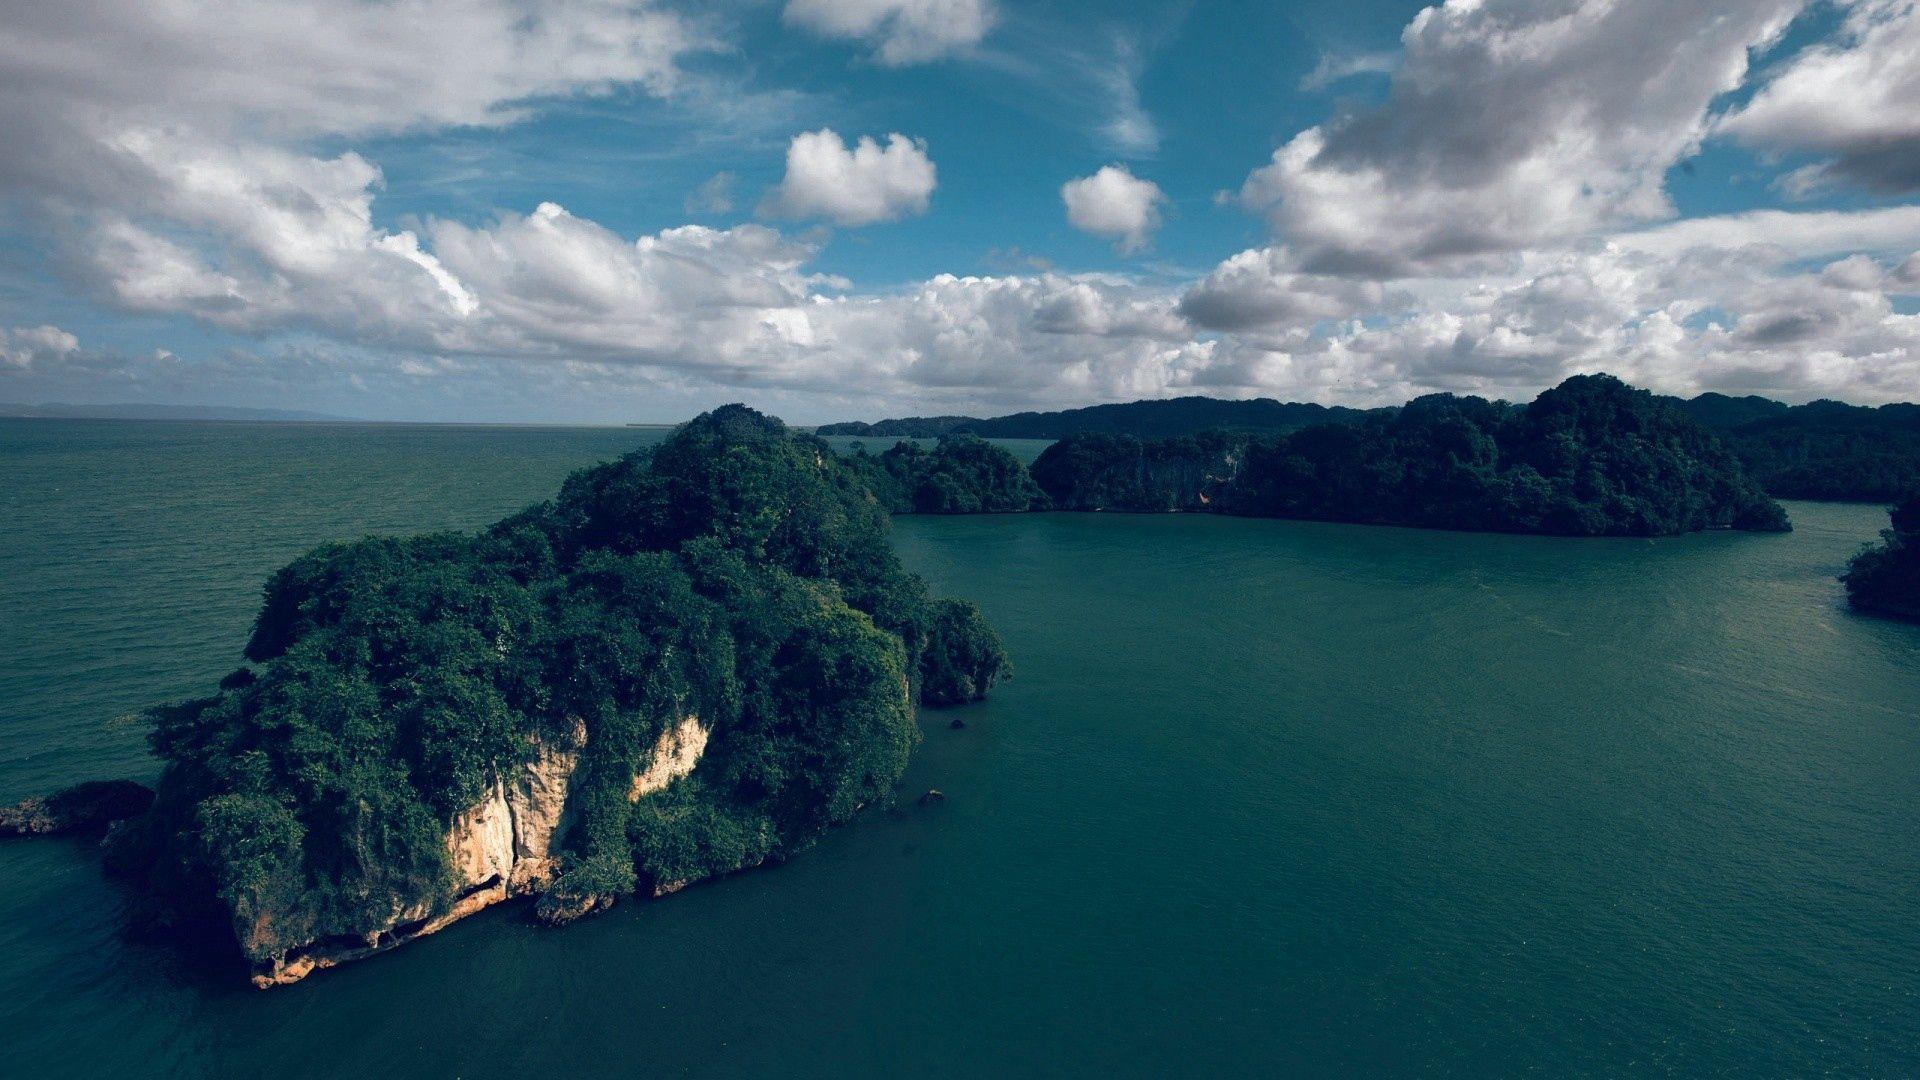 138767 免費下載壁紙 海, 河, 树, 性质, 湖, 湖景, 帅气的, 非常漂亮 屏保和圖片